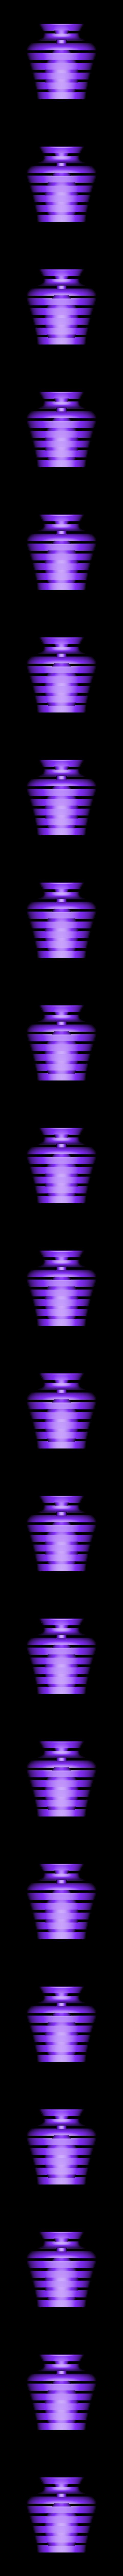 Vase_in_a_Vase_SLIM.stl Download free STL file Vase in a Vase • 3D printer design, O3D